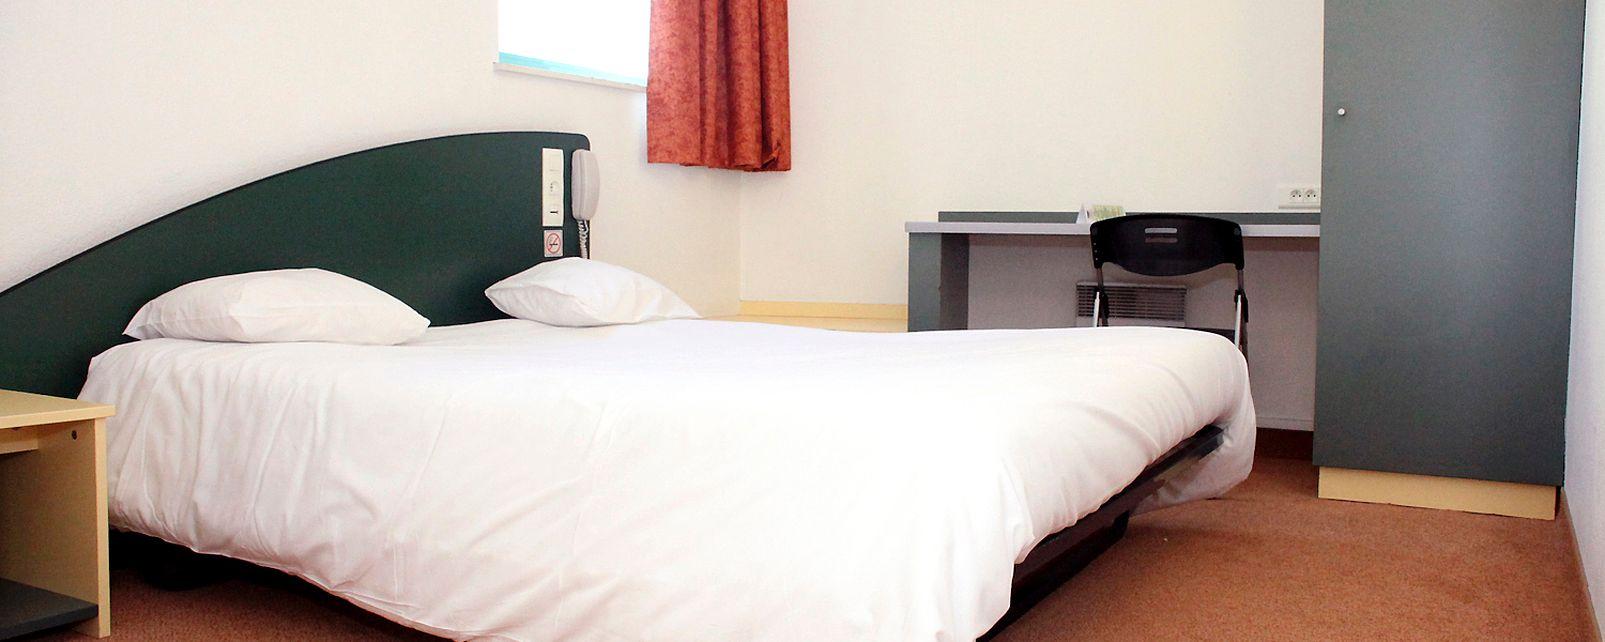 Mister Bed Bagnolet Hotel Paris